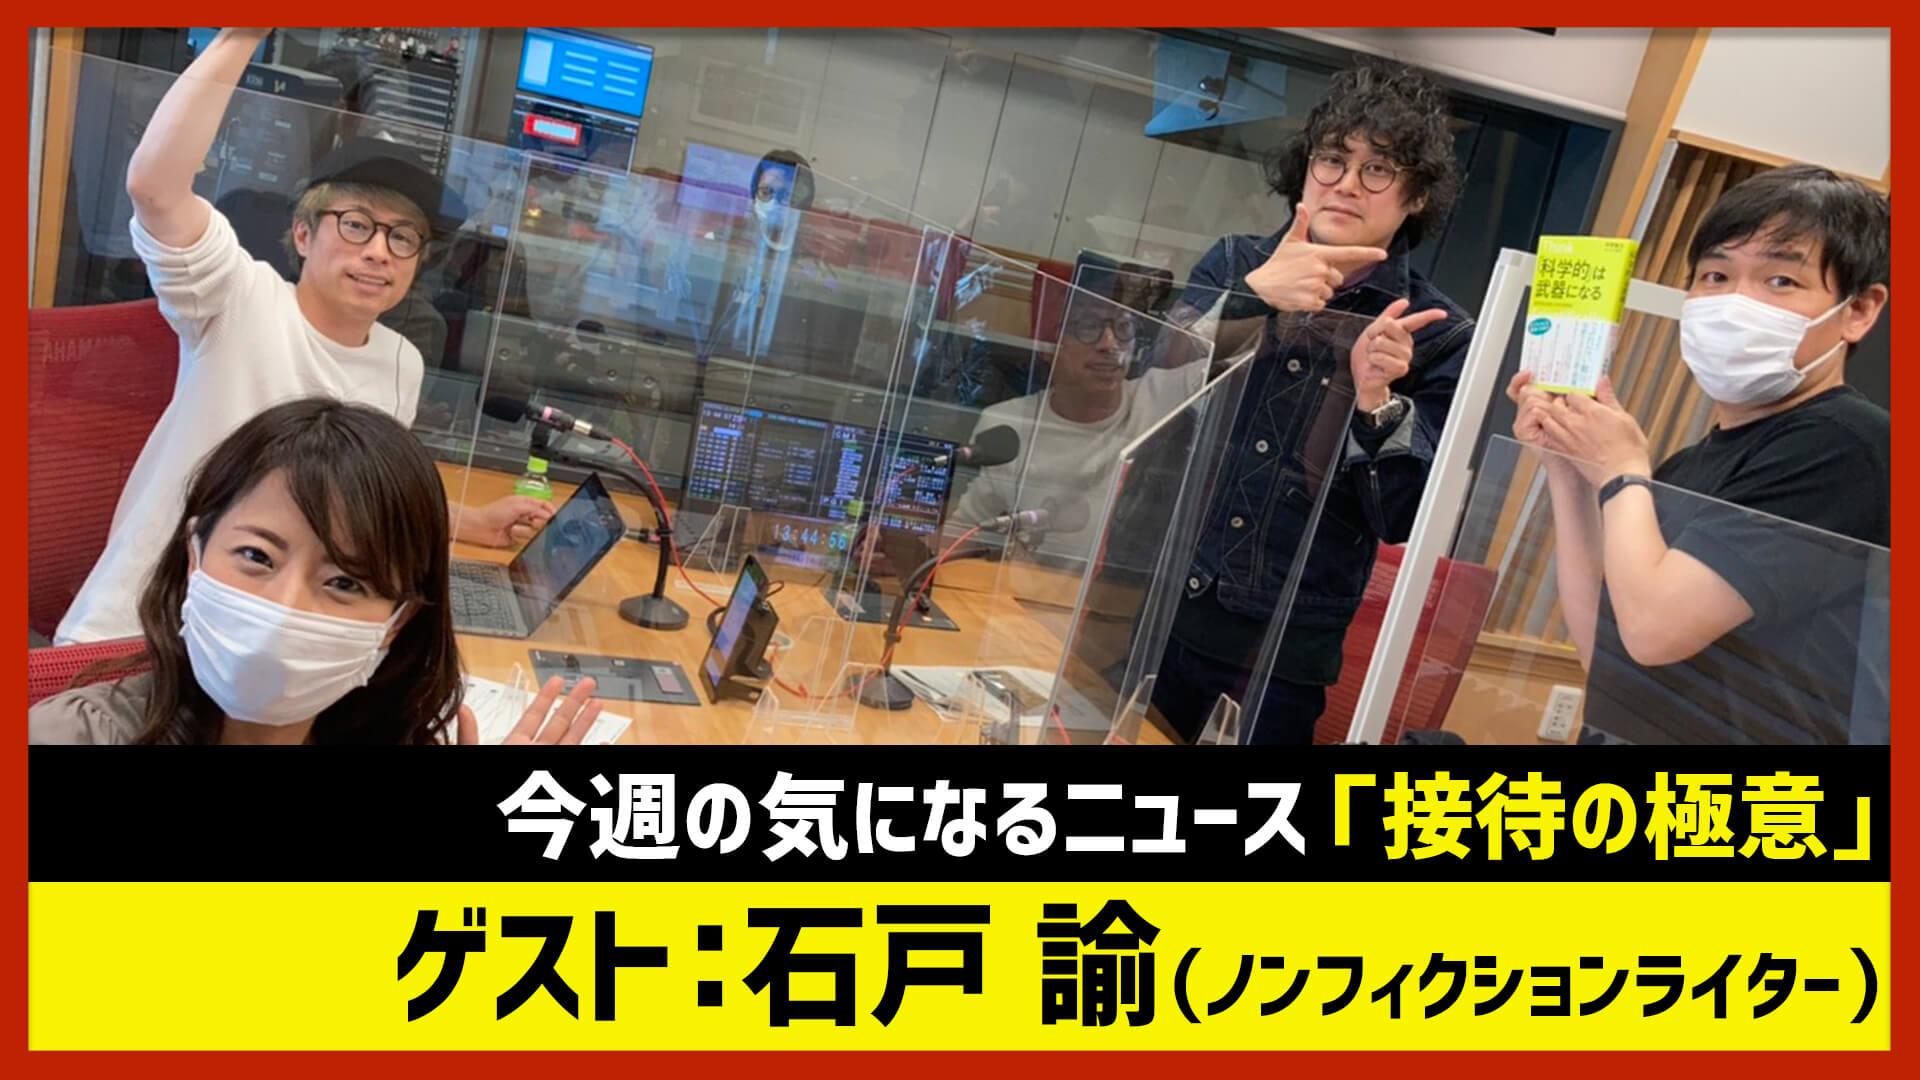 【田村淳のNewsCLUB】ゲスト: 石戸諭さん(2021年4月3日part1)